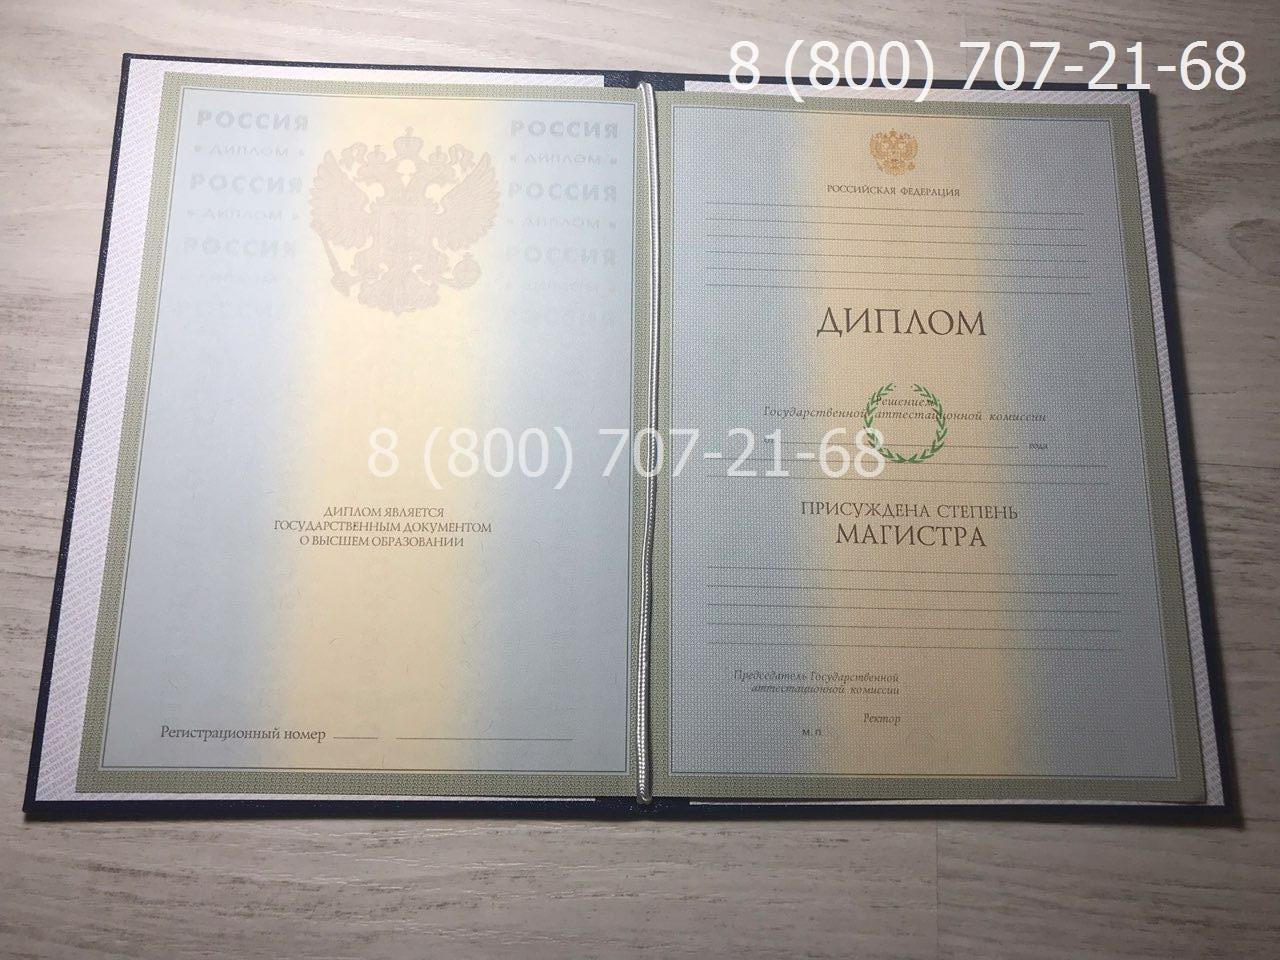 Диплом магистра 2004-2009 года 1